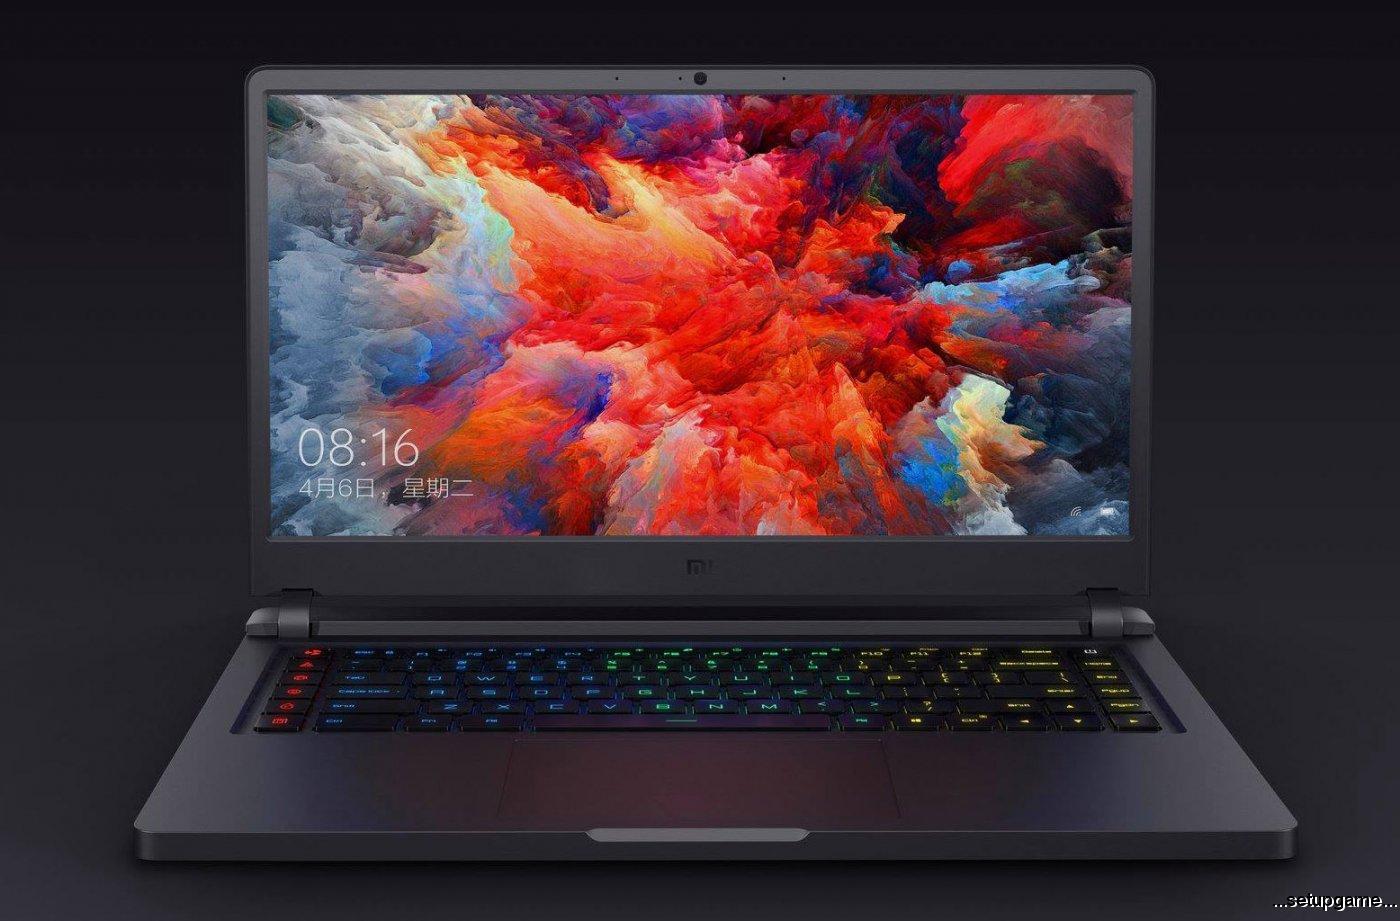 لپ تاپ گیمینگ شیائومی با گرافیک GTX 1060 و قیمت 1450 دلار معرفی شد